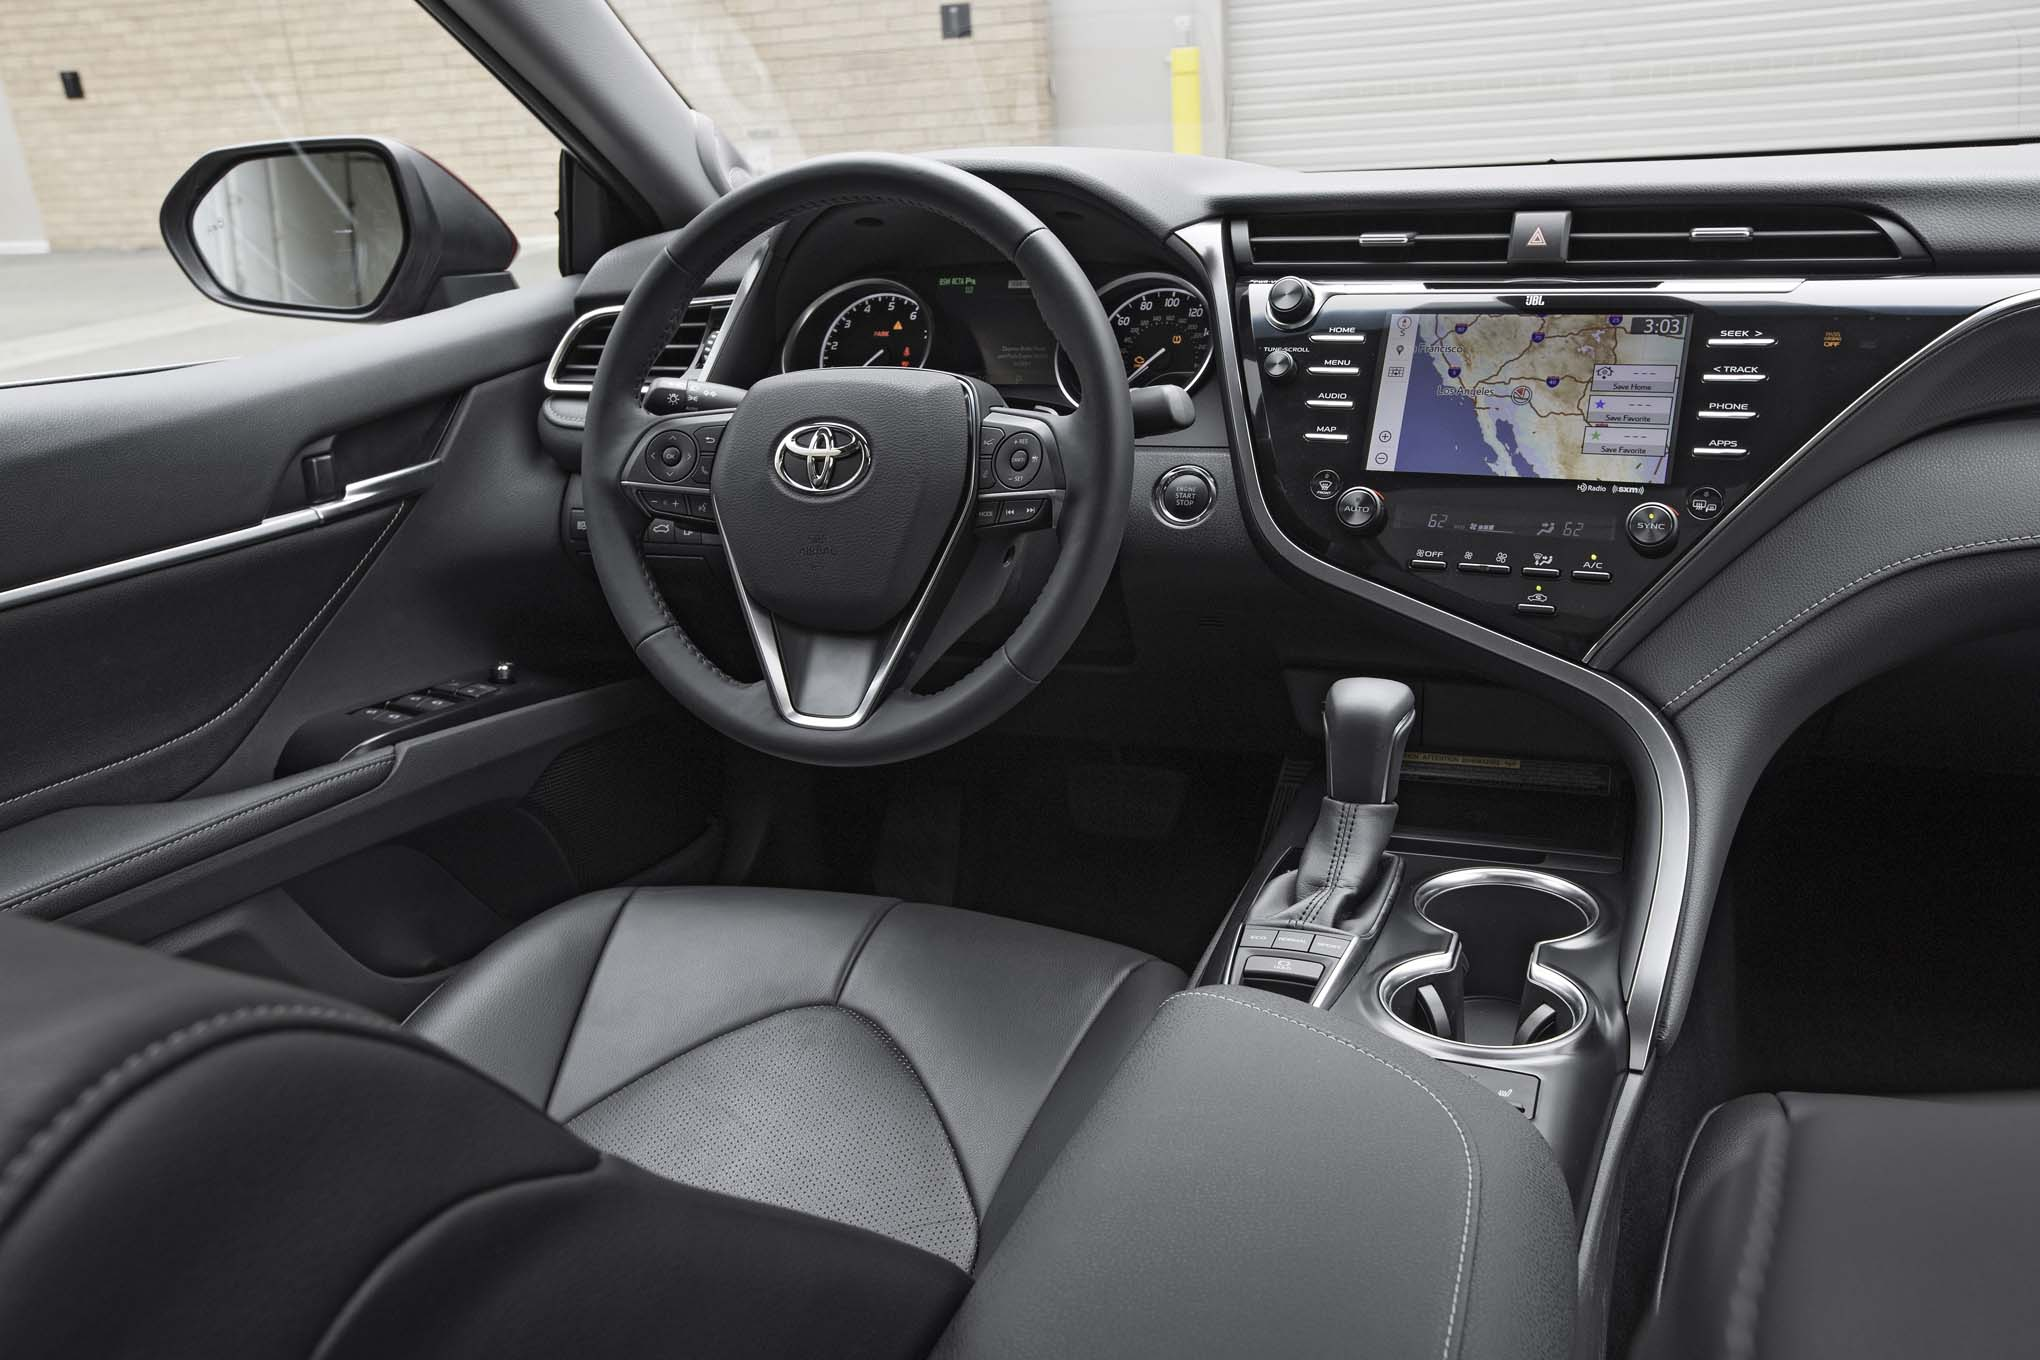 2018-Toyota-Camry-XSE-interior Extraordinary toyota Camry 2006 Vs Honda Accord 2006 Cars Trend